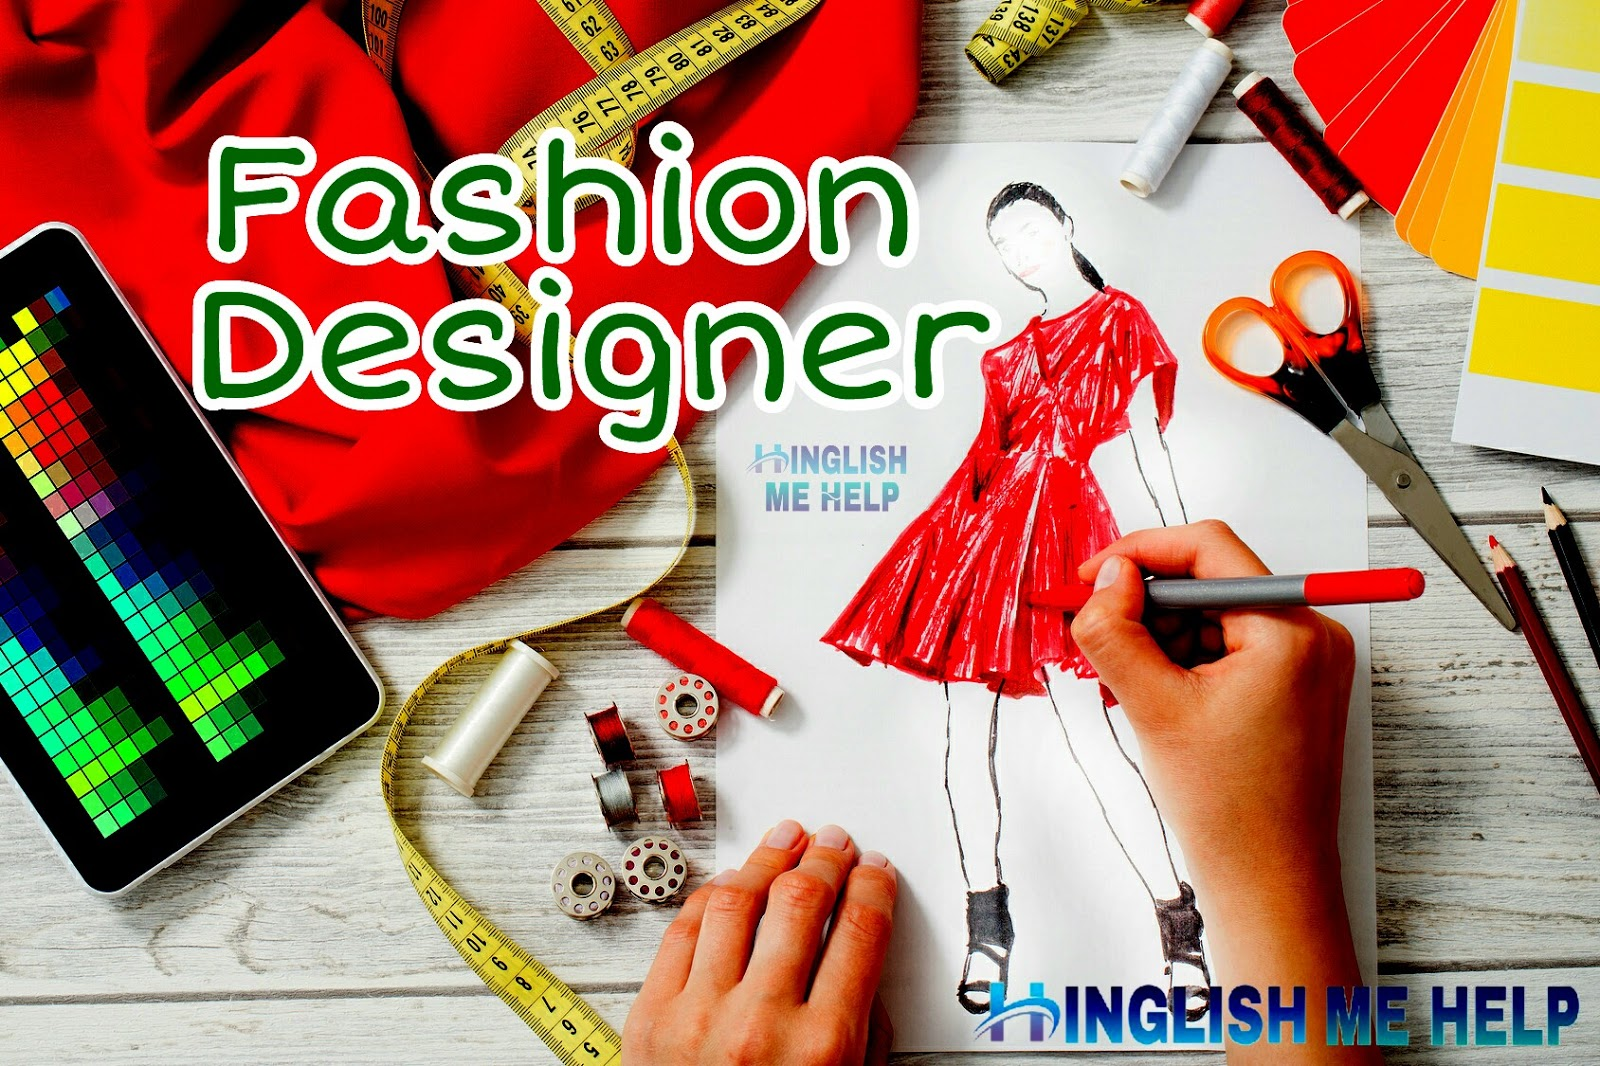 फैशन डिजाइनर बनने के लिए यहां से पढ़ाई करें